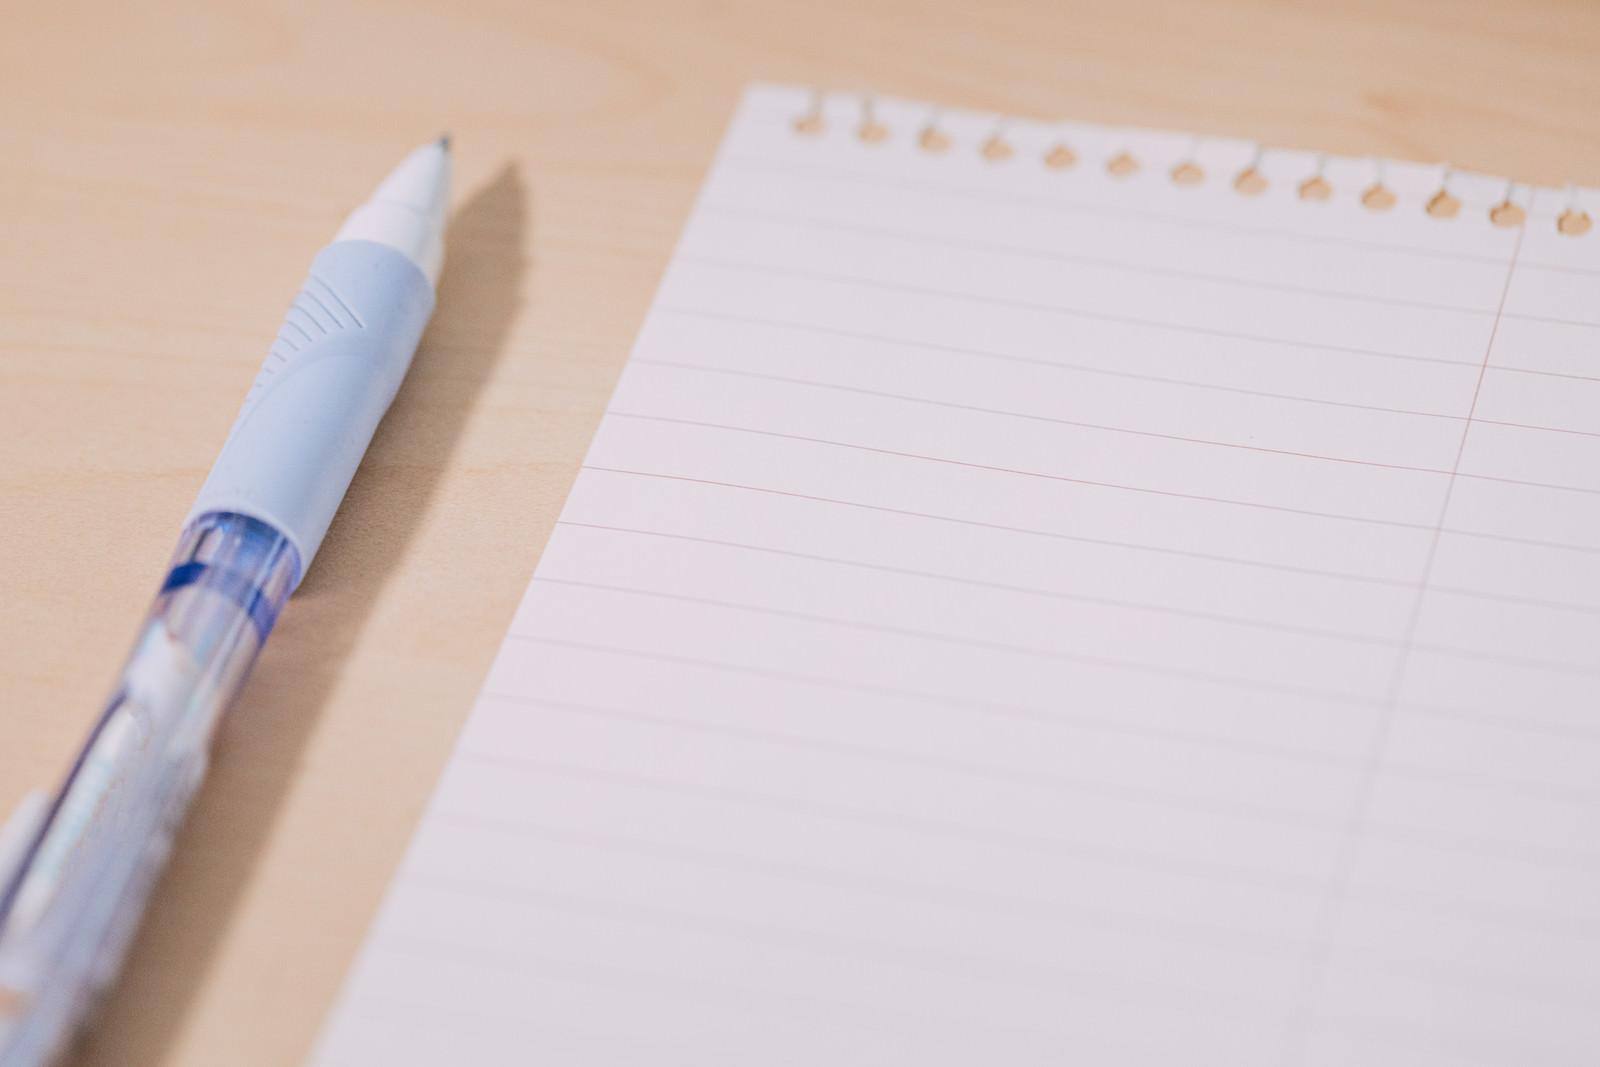 「書き置き用メモ帳とペン」の写真